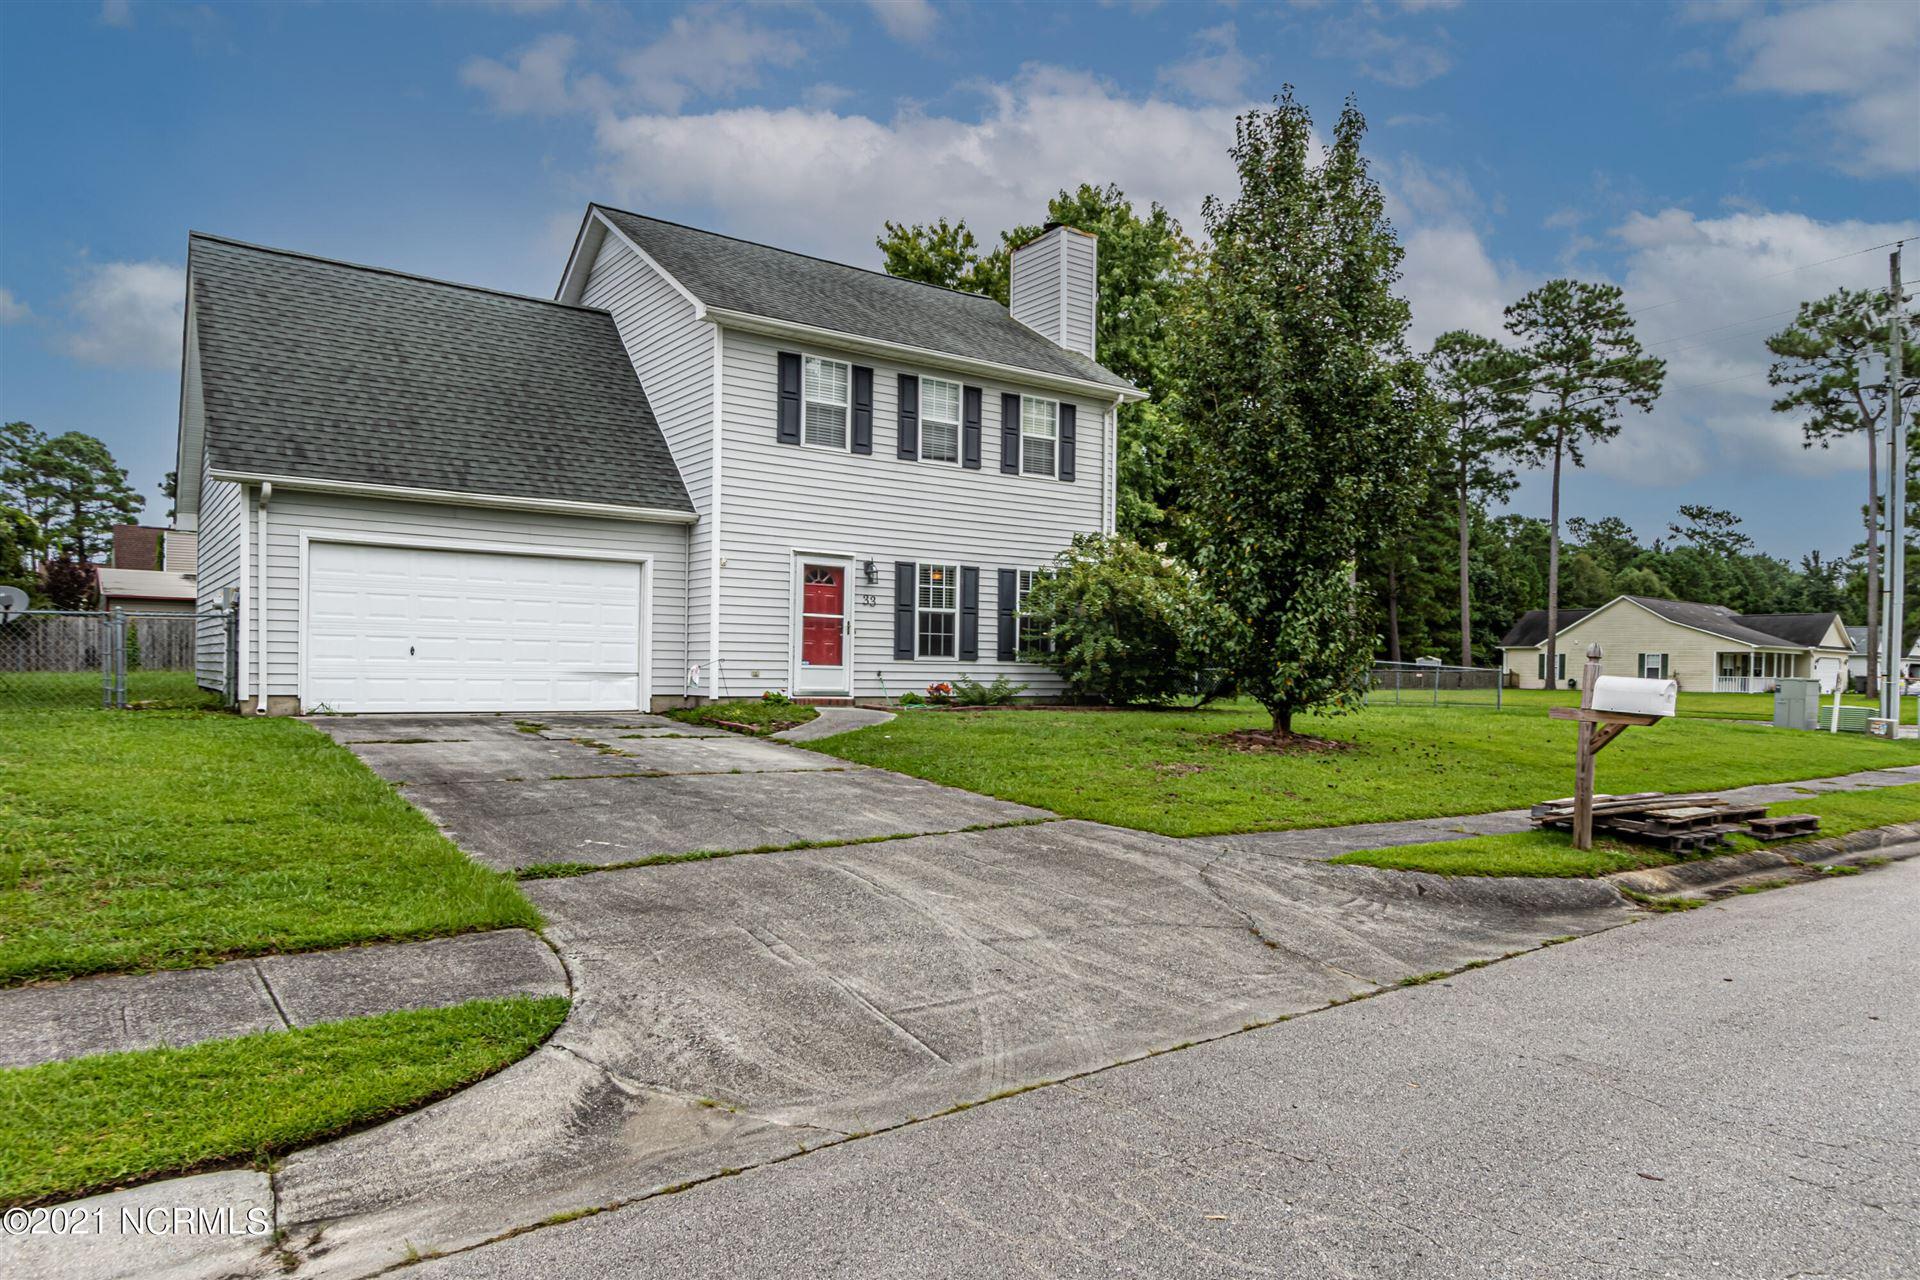 Photo of 33 Jasmine Lane, Jacksonville, NC 28546 (MLS # 100289406)